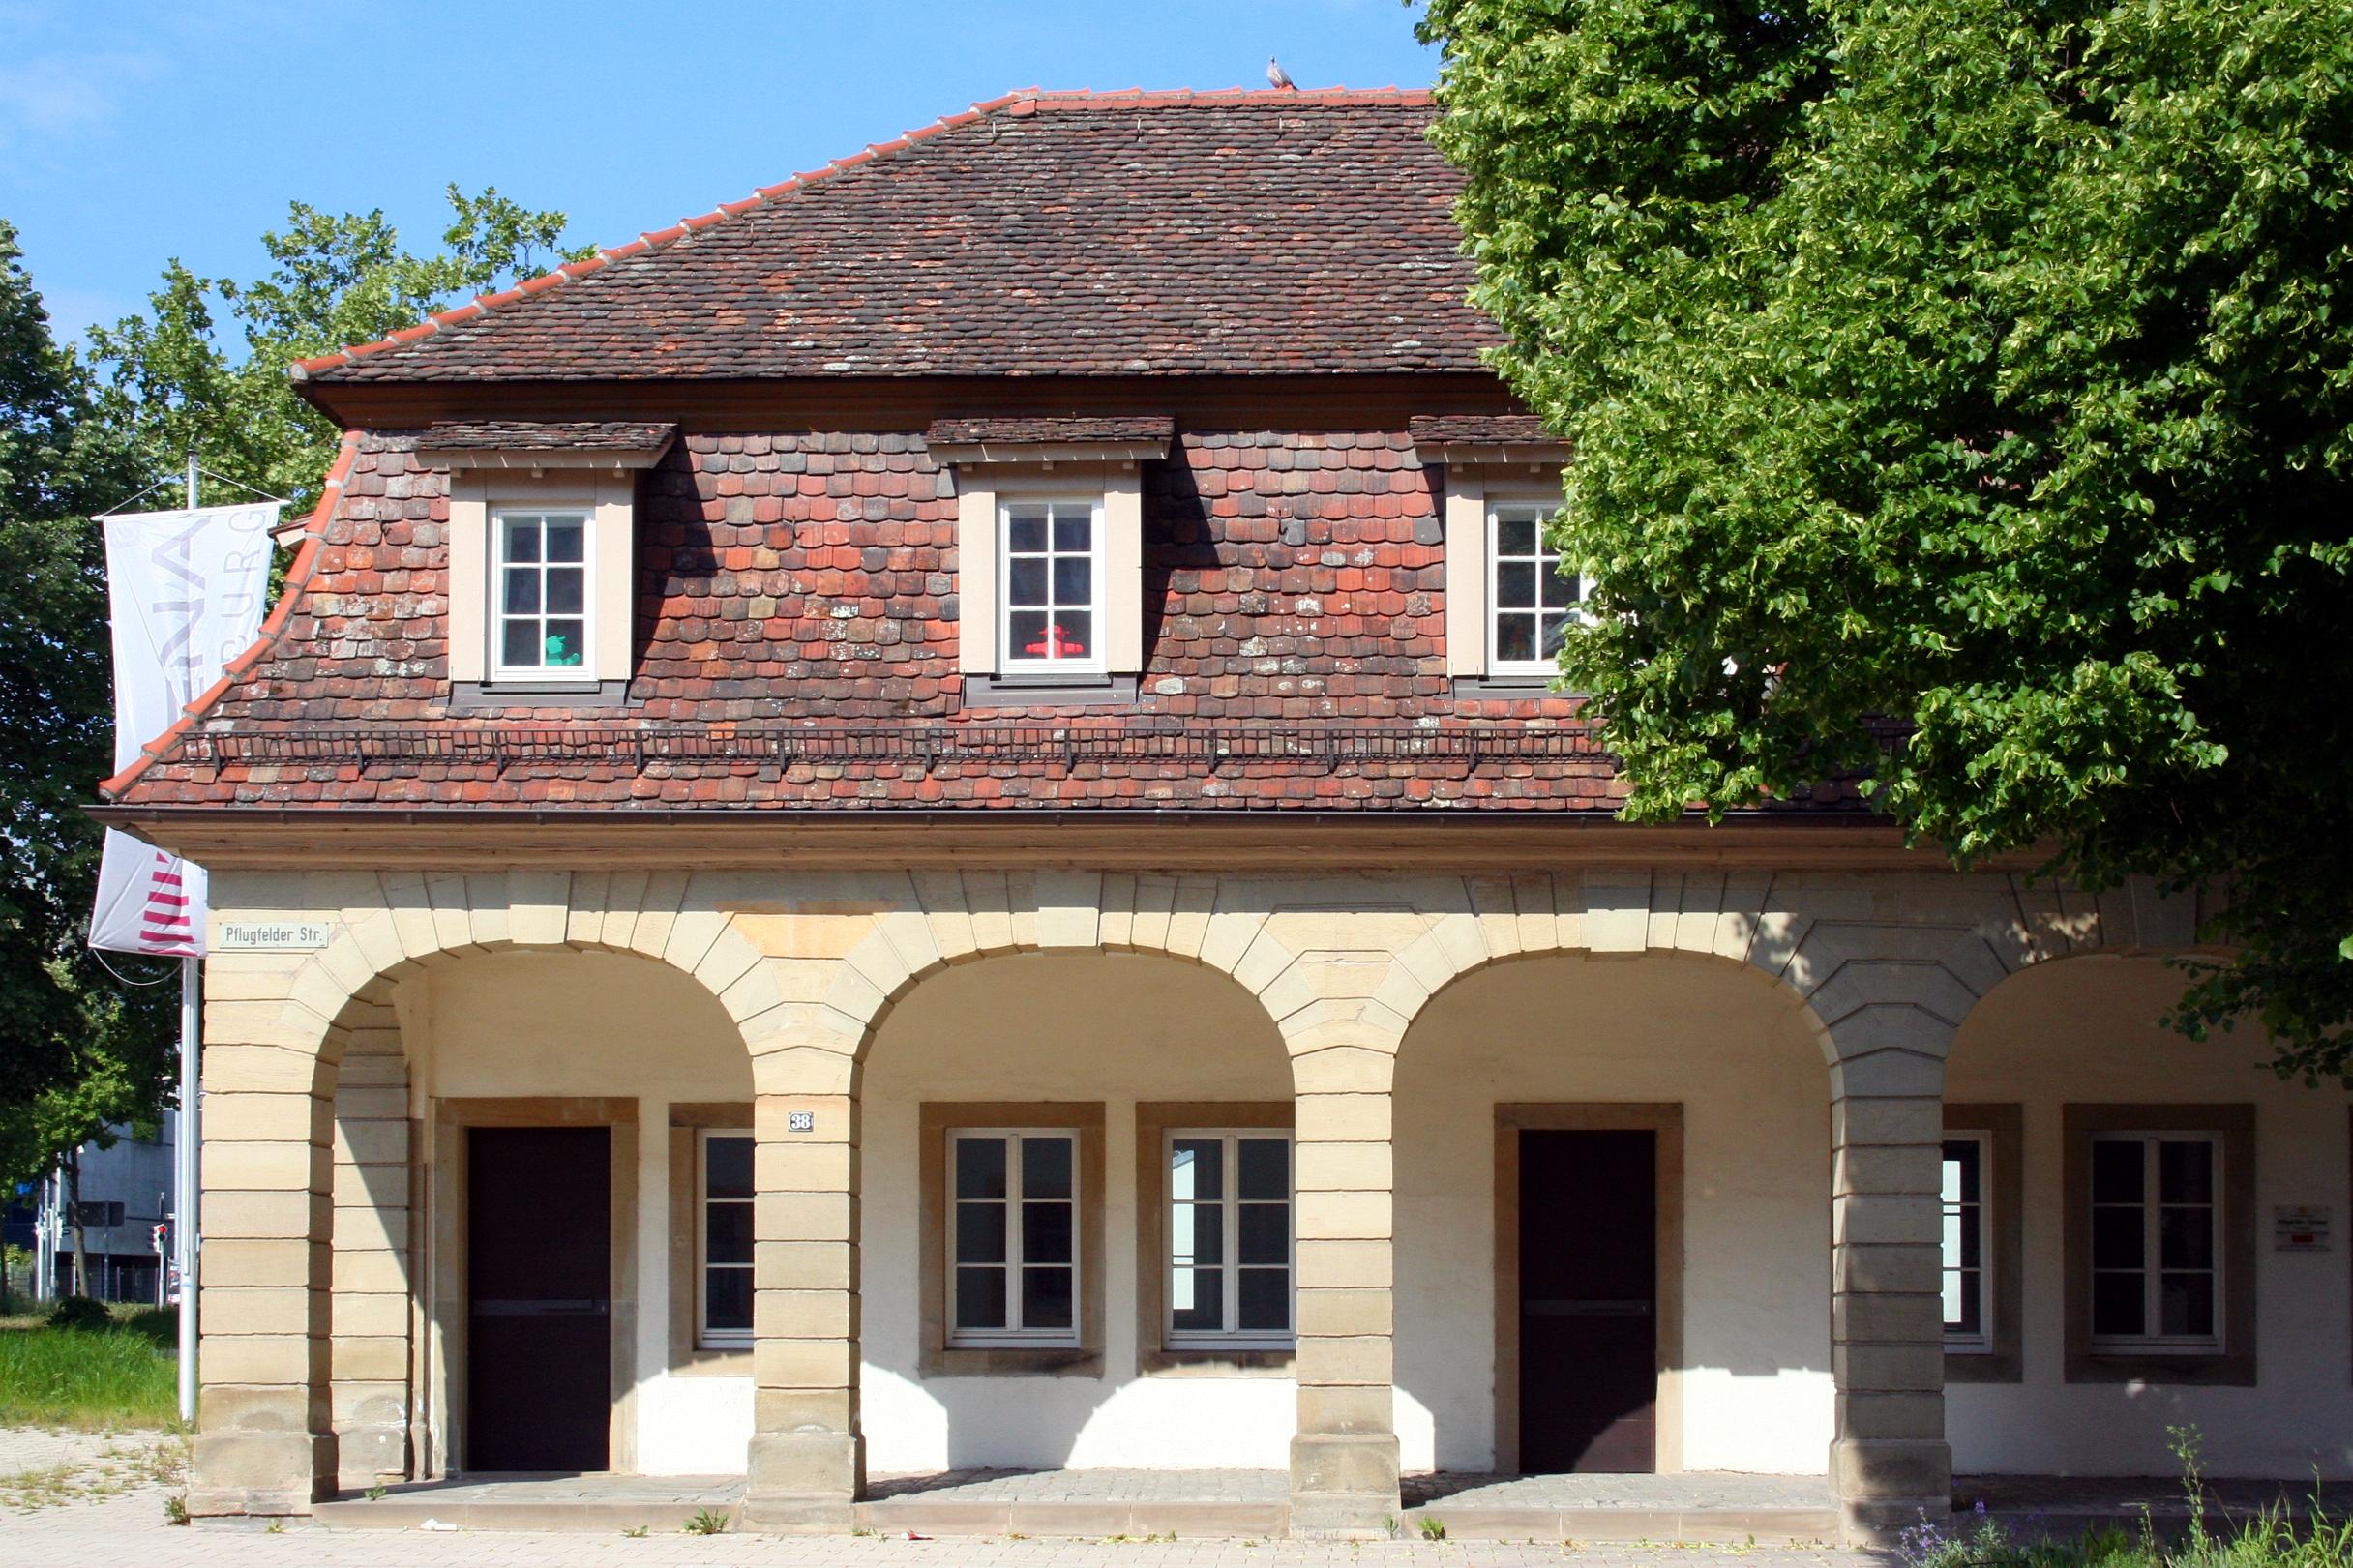 Bildergebnis für Pflugfelder Torhaus, Pflugfelder Straße 38, Ludwigsburg